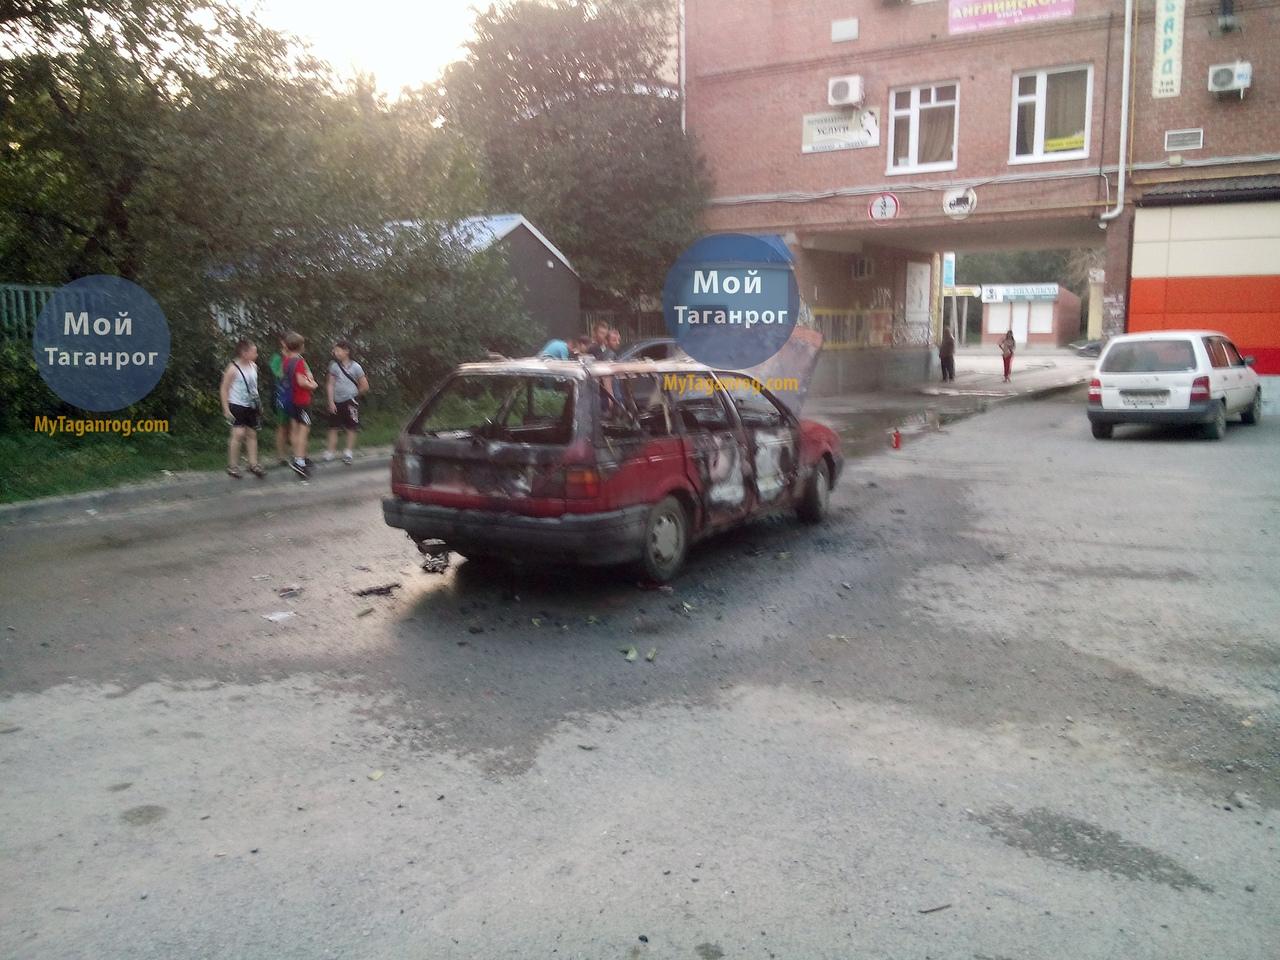 В Таганроге на Русском поле во время движения загорелся Volkswagen